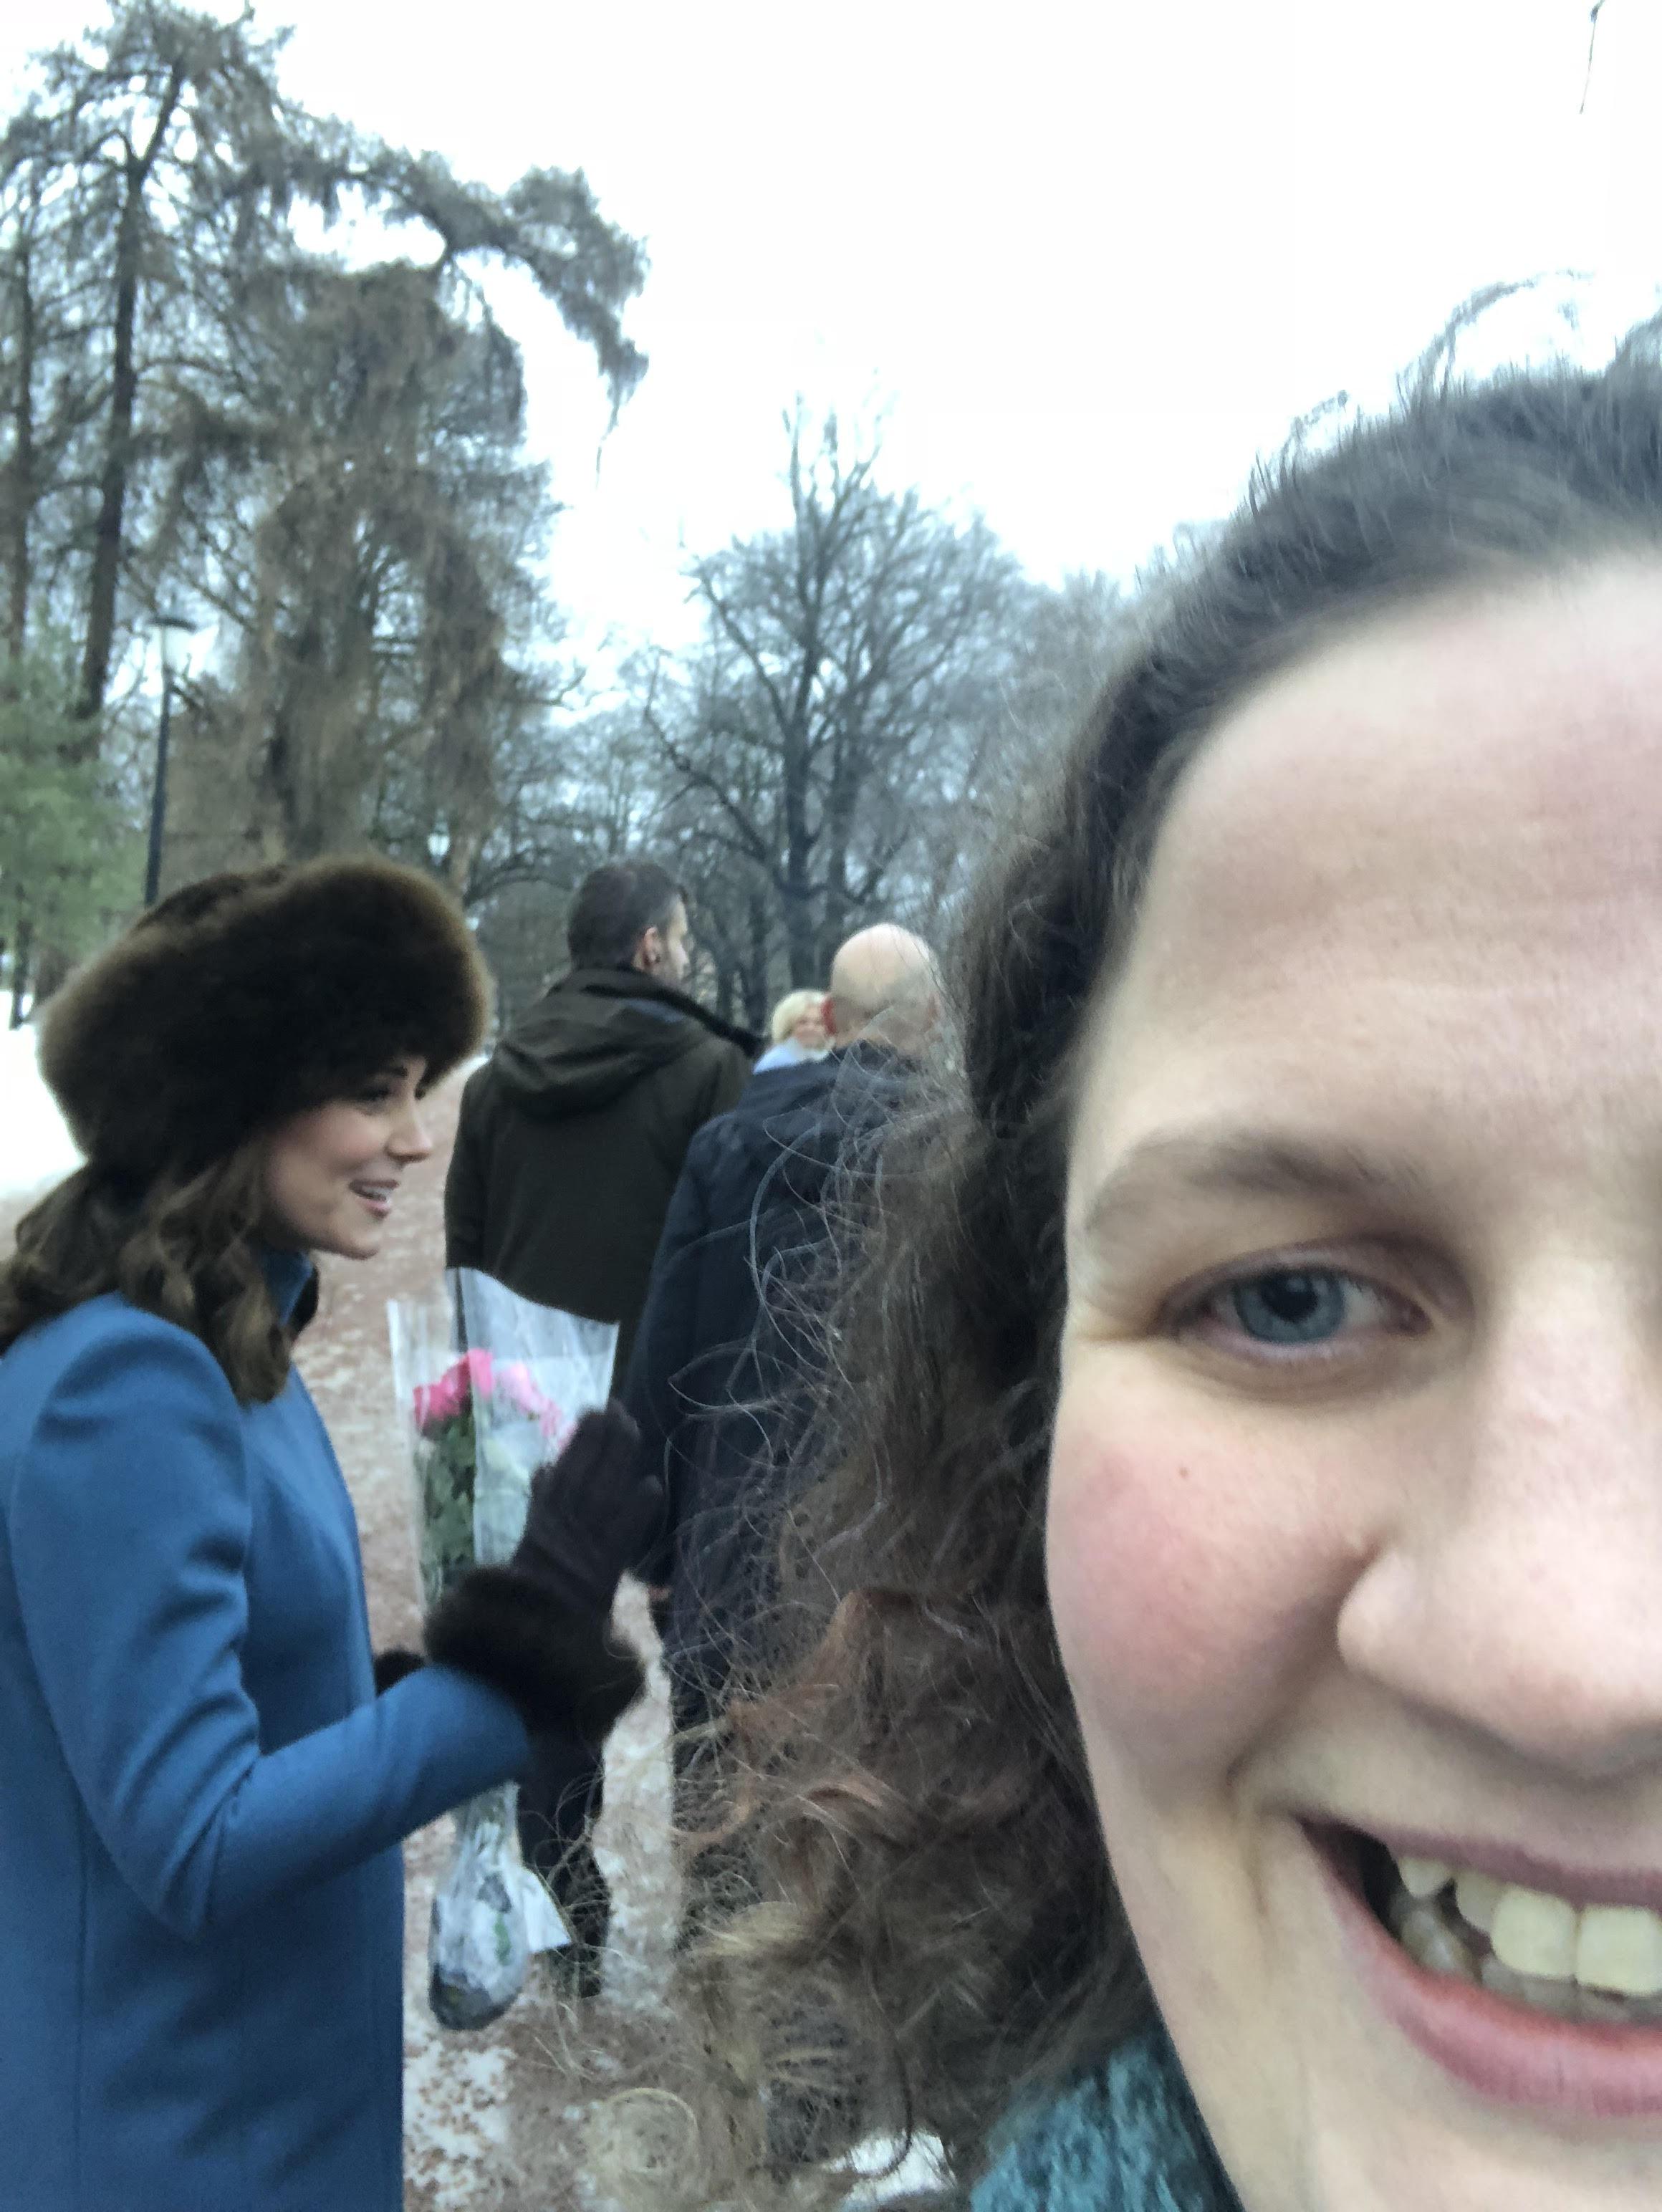 Gal dame observert på Slottsplassen